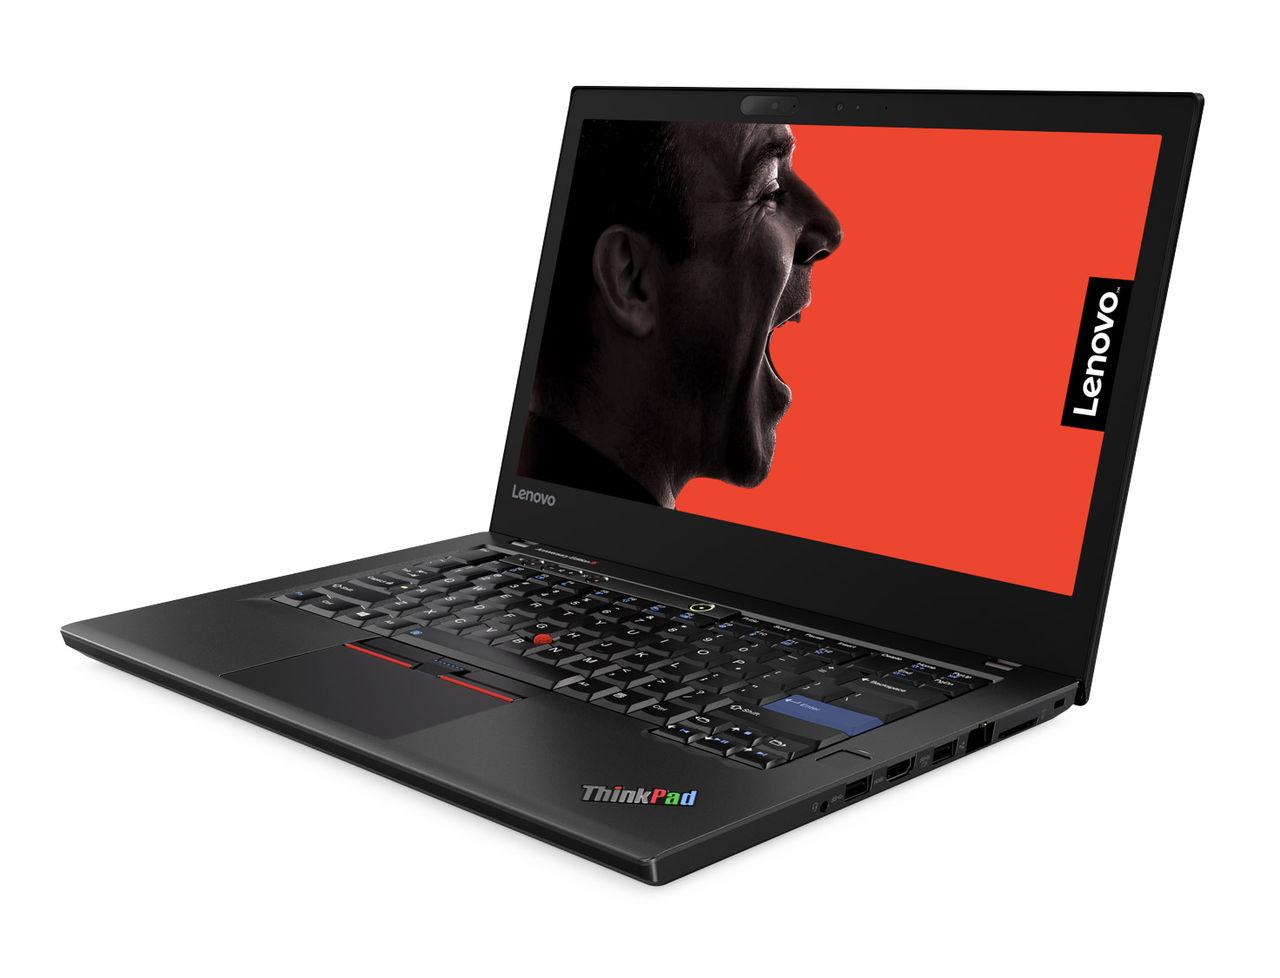 Lenovo släpper jubileumsversion av ThinkPad